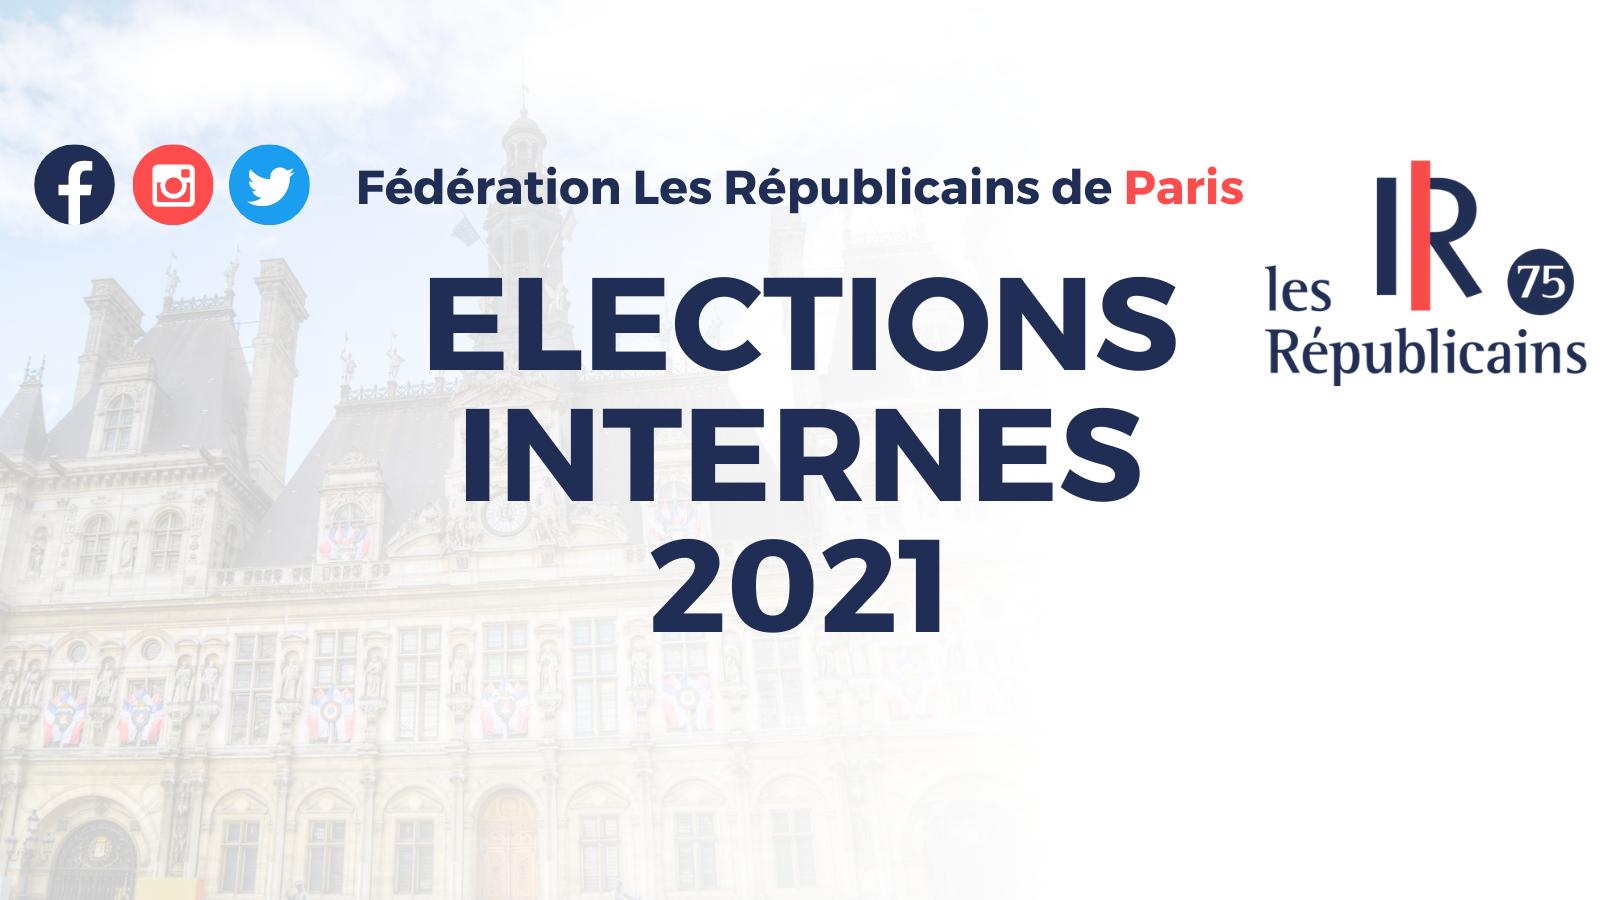 Élections internes 2021 : Les résultats à Paris